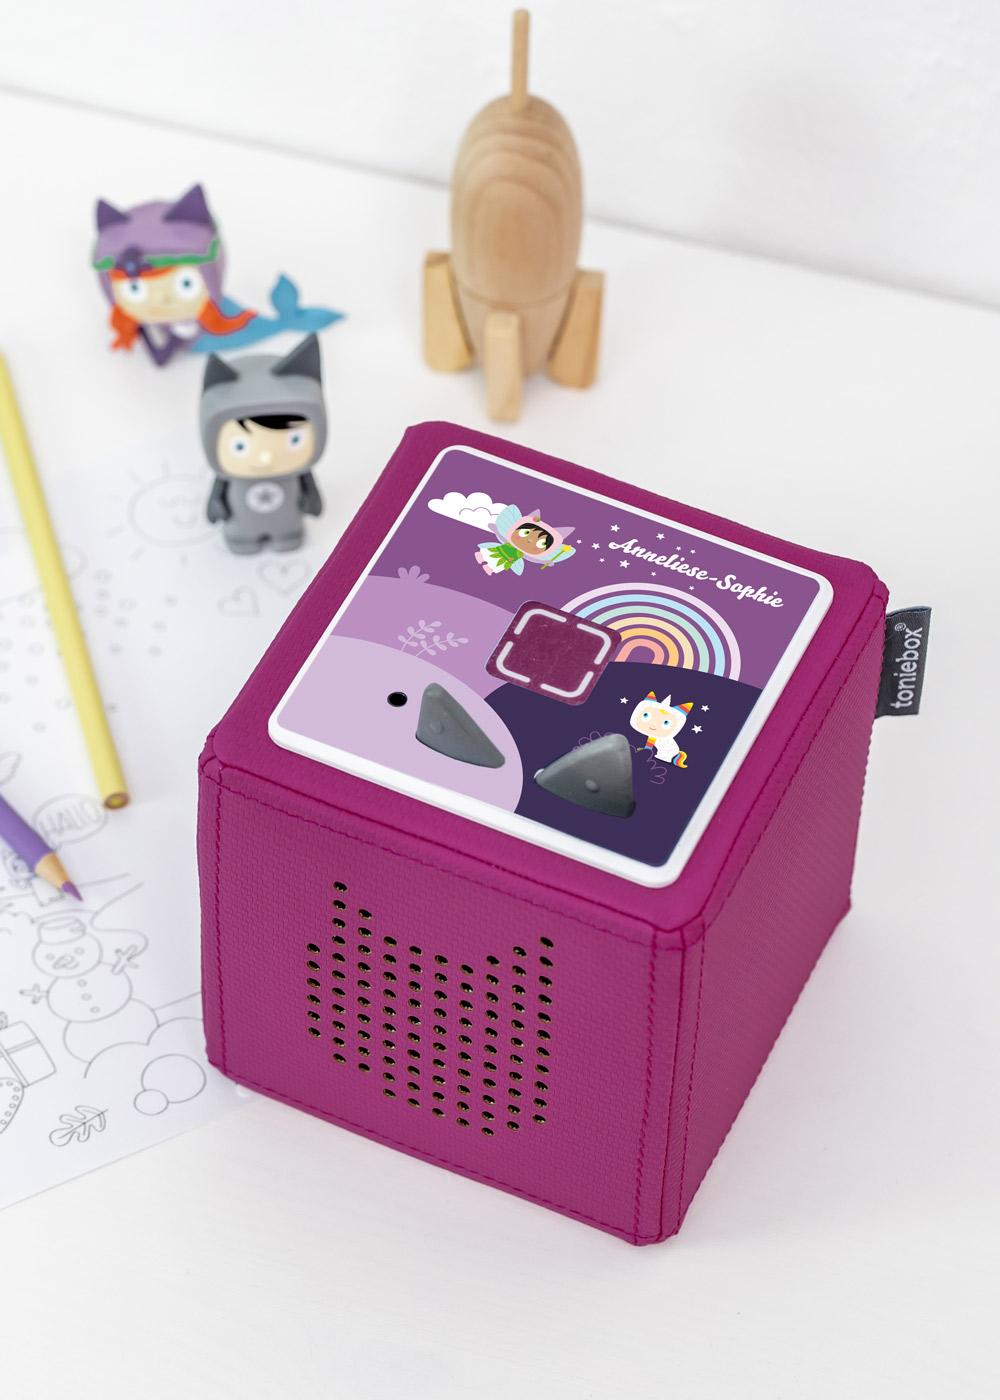 dekofolie toniebox regenbogen personalisiert kindername 3